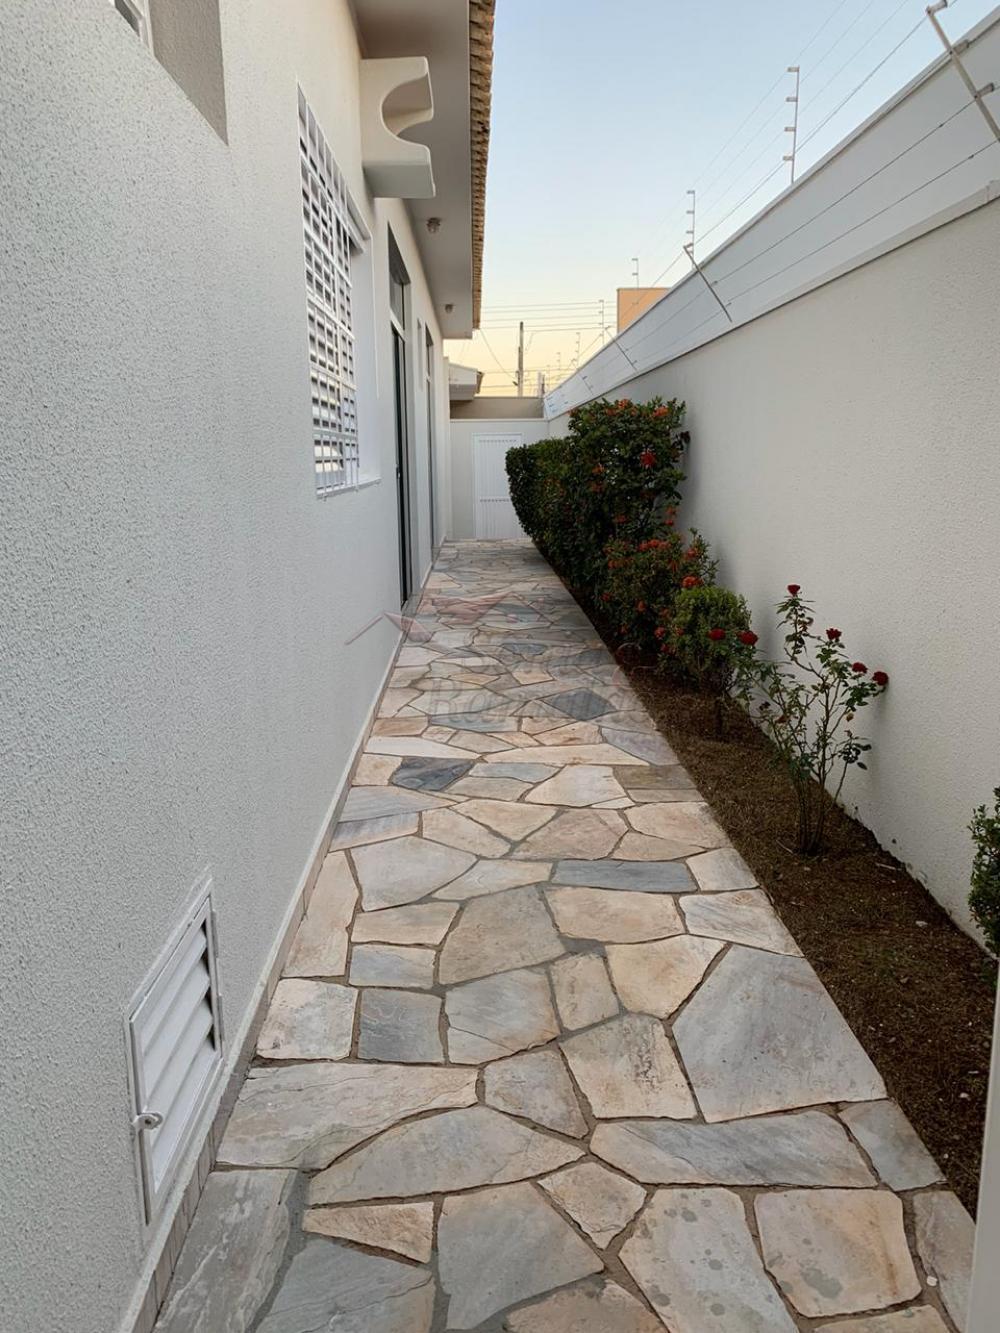 Alugar Casas / Padrão em Ribeirão Preto apenas R$ 3.600,00 - Foto 31